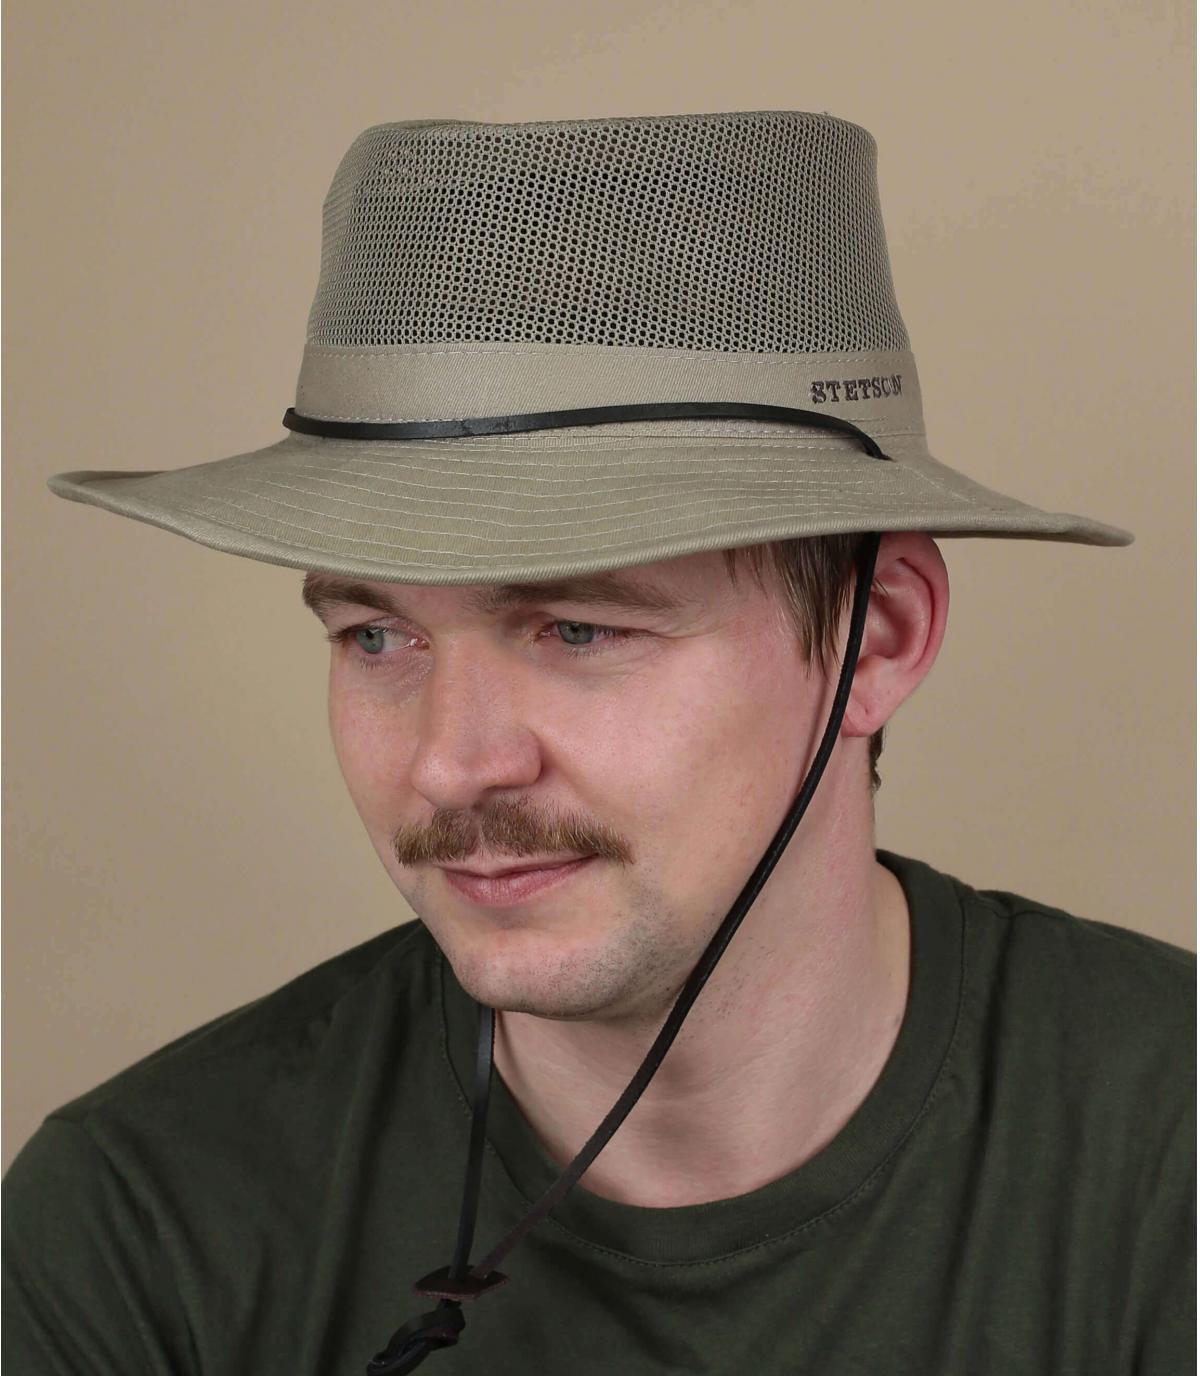 Geventileerde hoed van Stetson